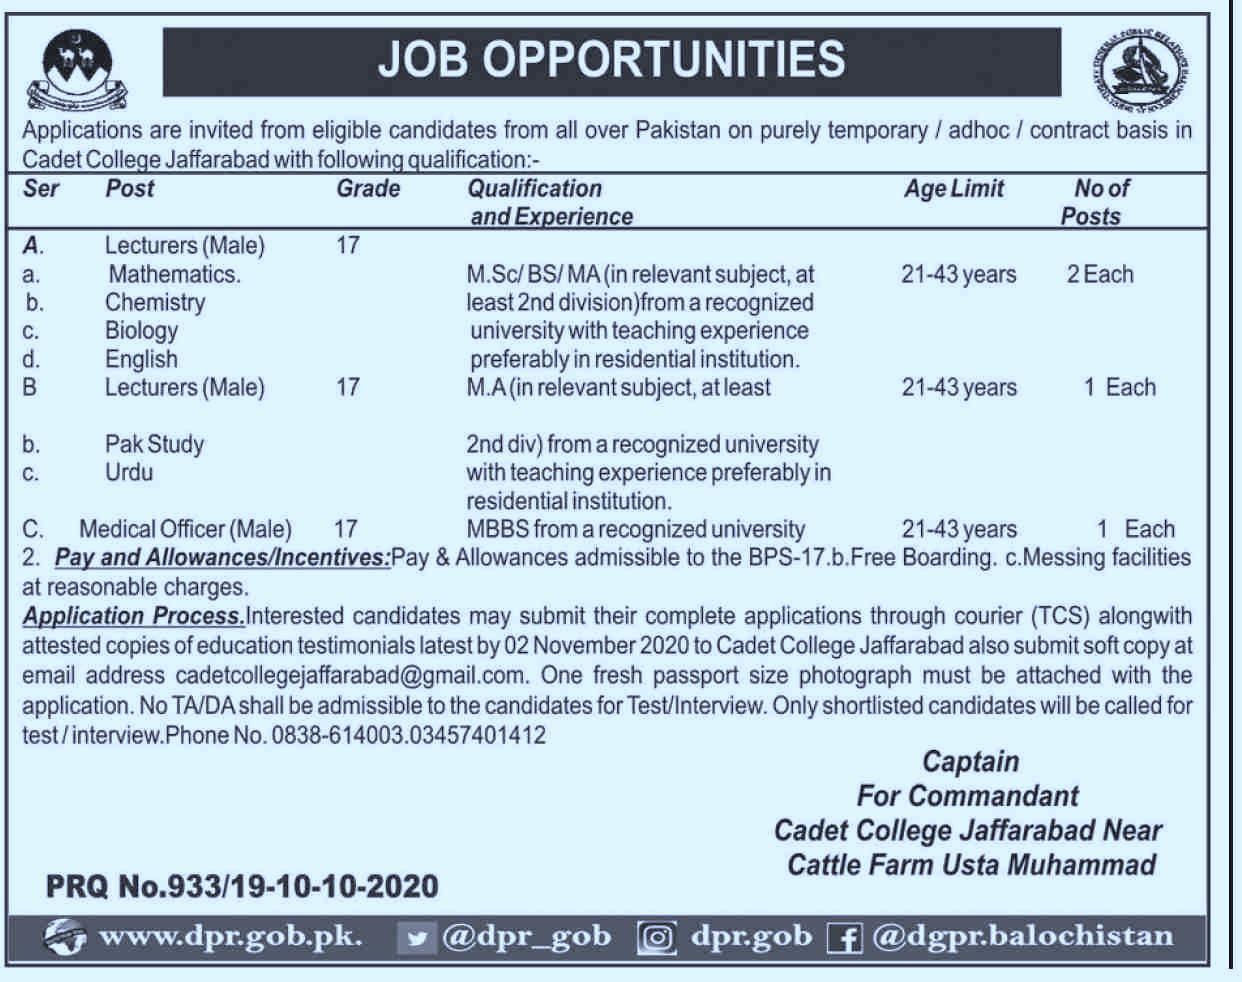 Cadet College Jaffarabad Jobs  Advertisement For Govt Lecturer Vacancies in Pakistan Jobs 2021